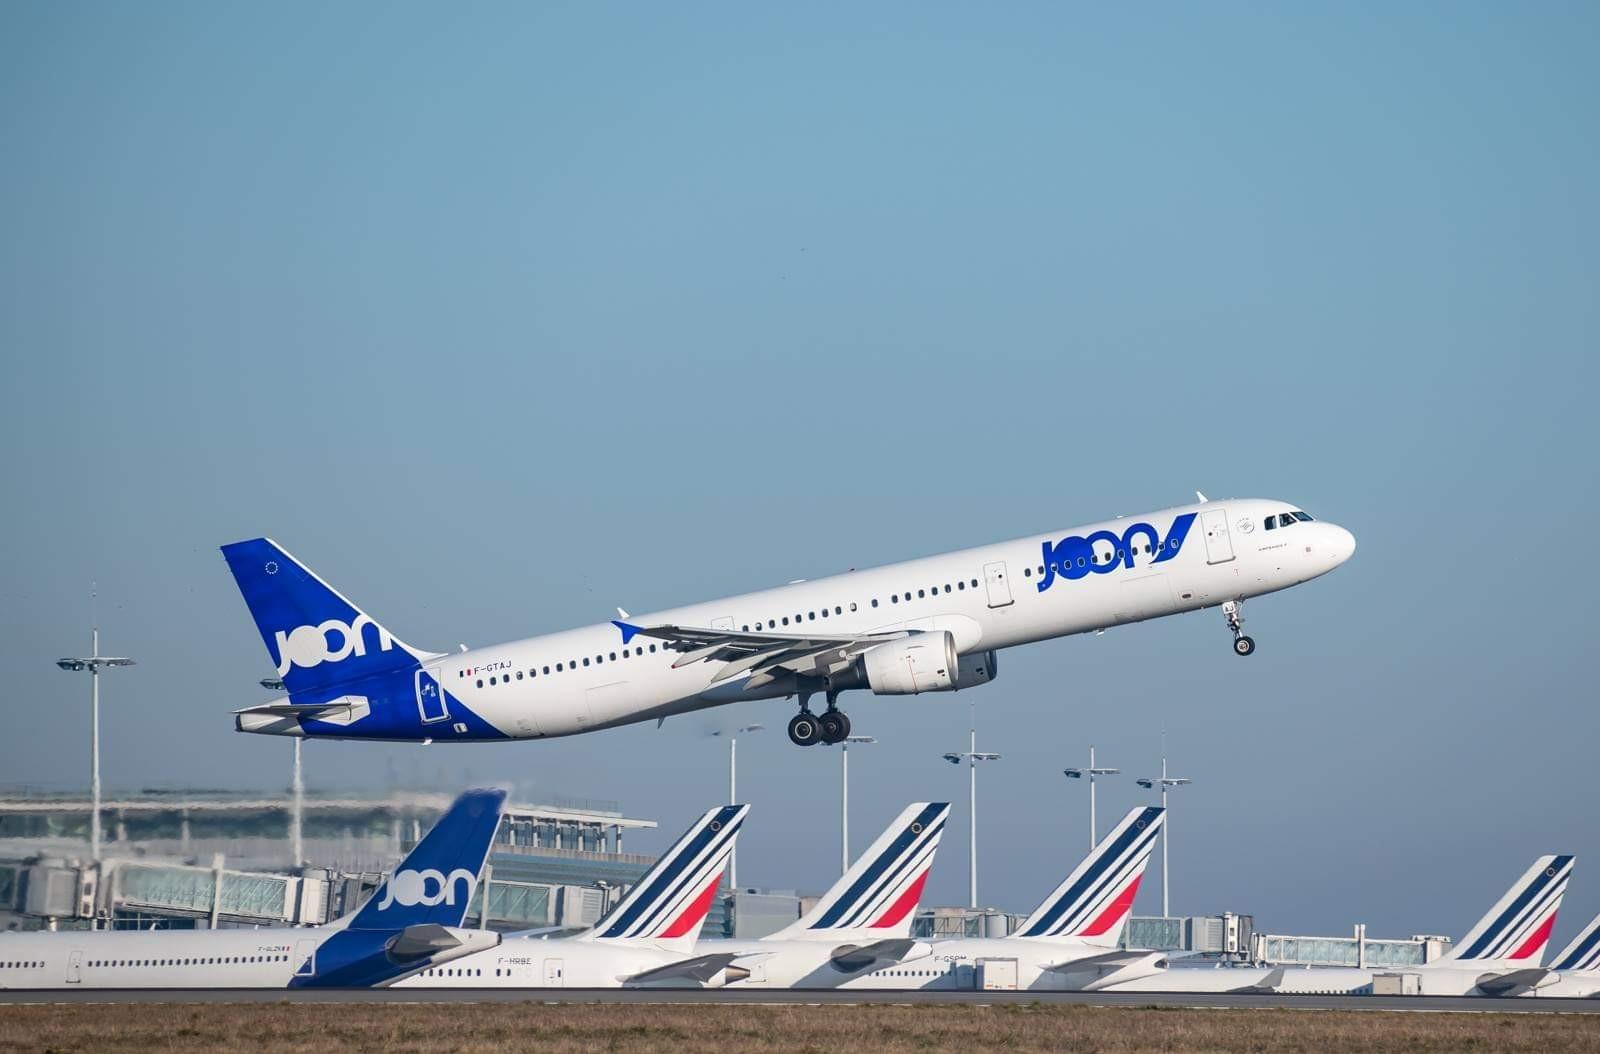 De quelle compagnie est l'avion ?